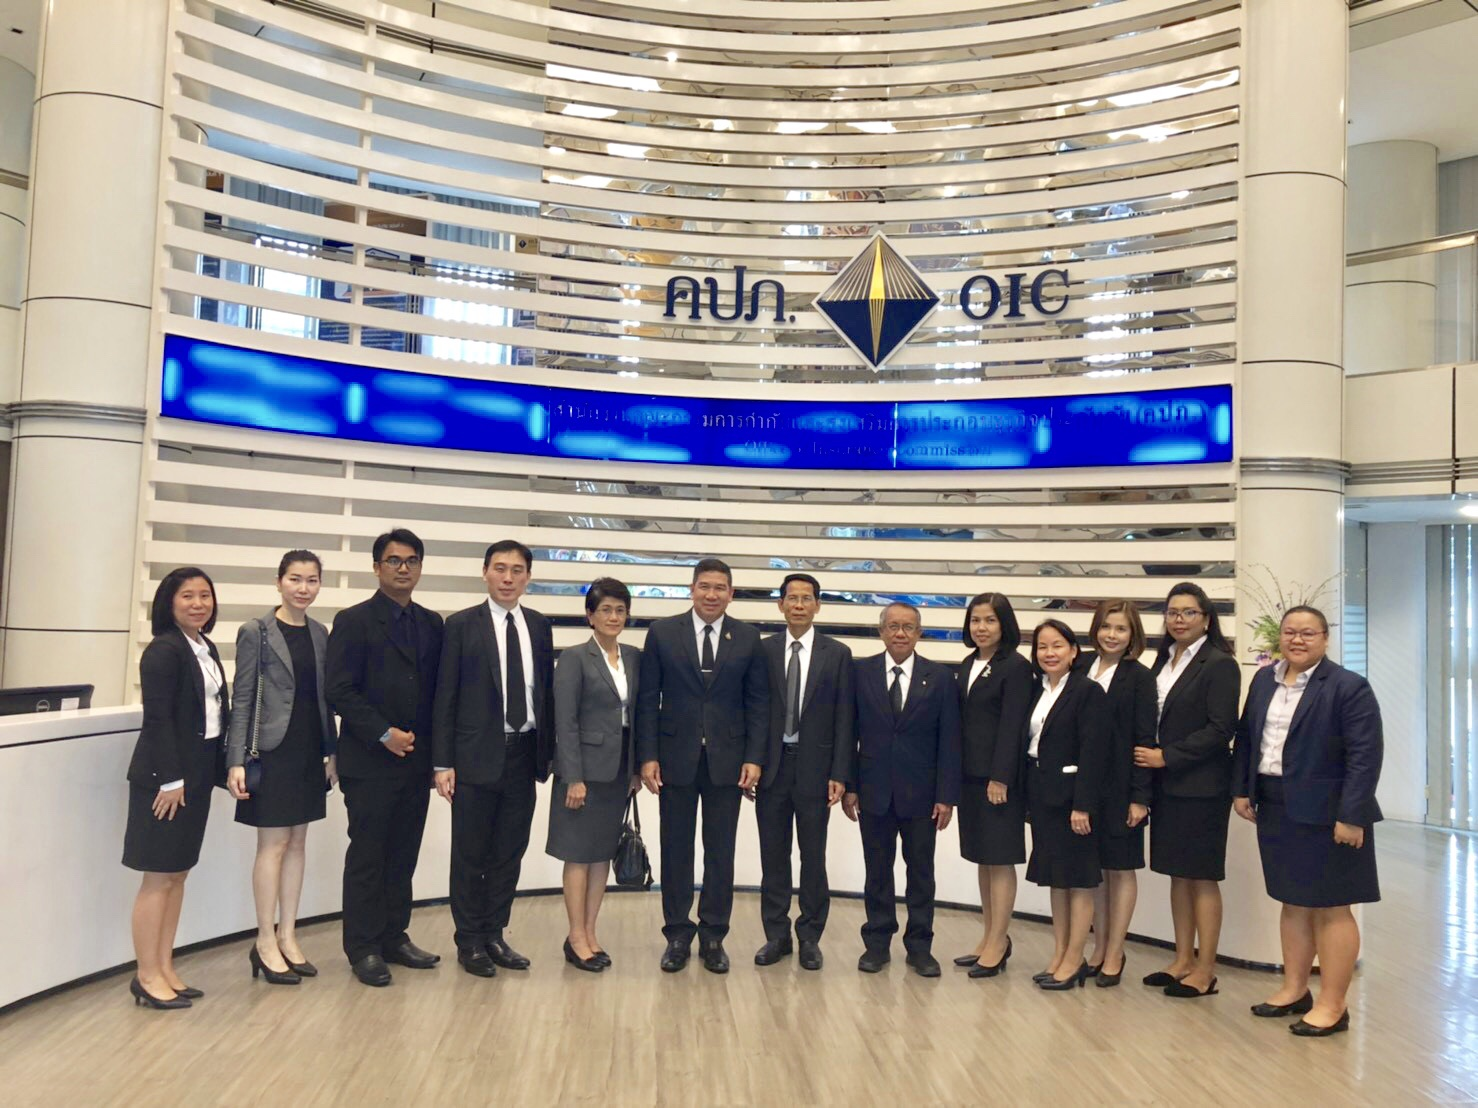 คปภ.ให้การต้อนรับ Thailand Arbitration Center : THAC เข้าเยี่ยมชมและศึกษาดูงาน สำนักงาน คปภ.